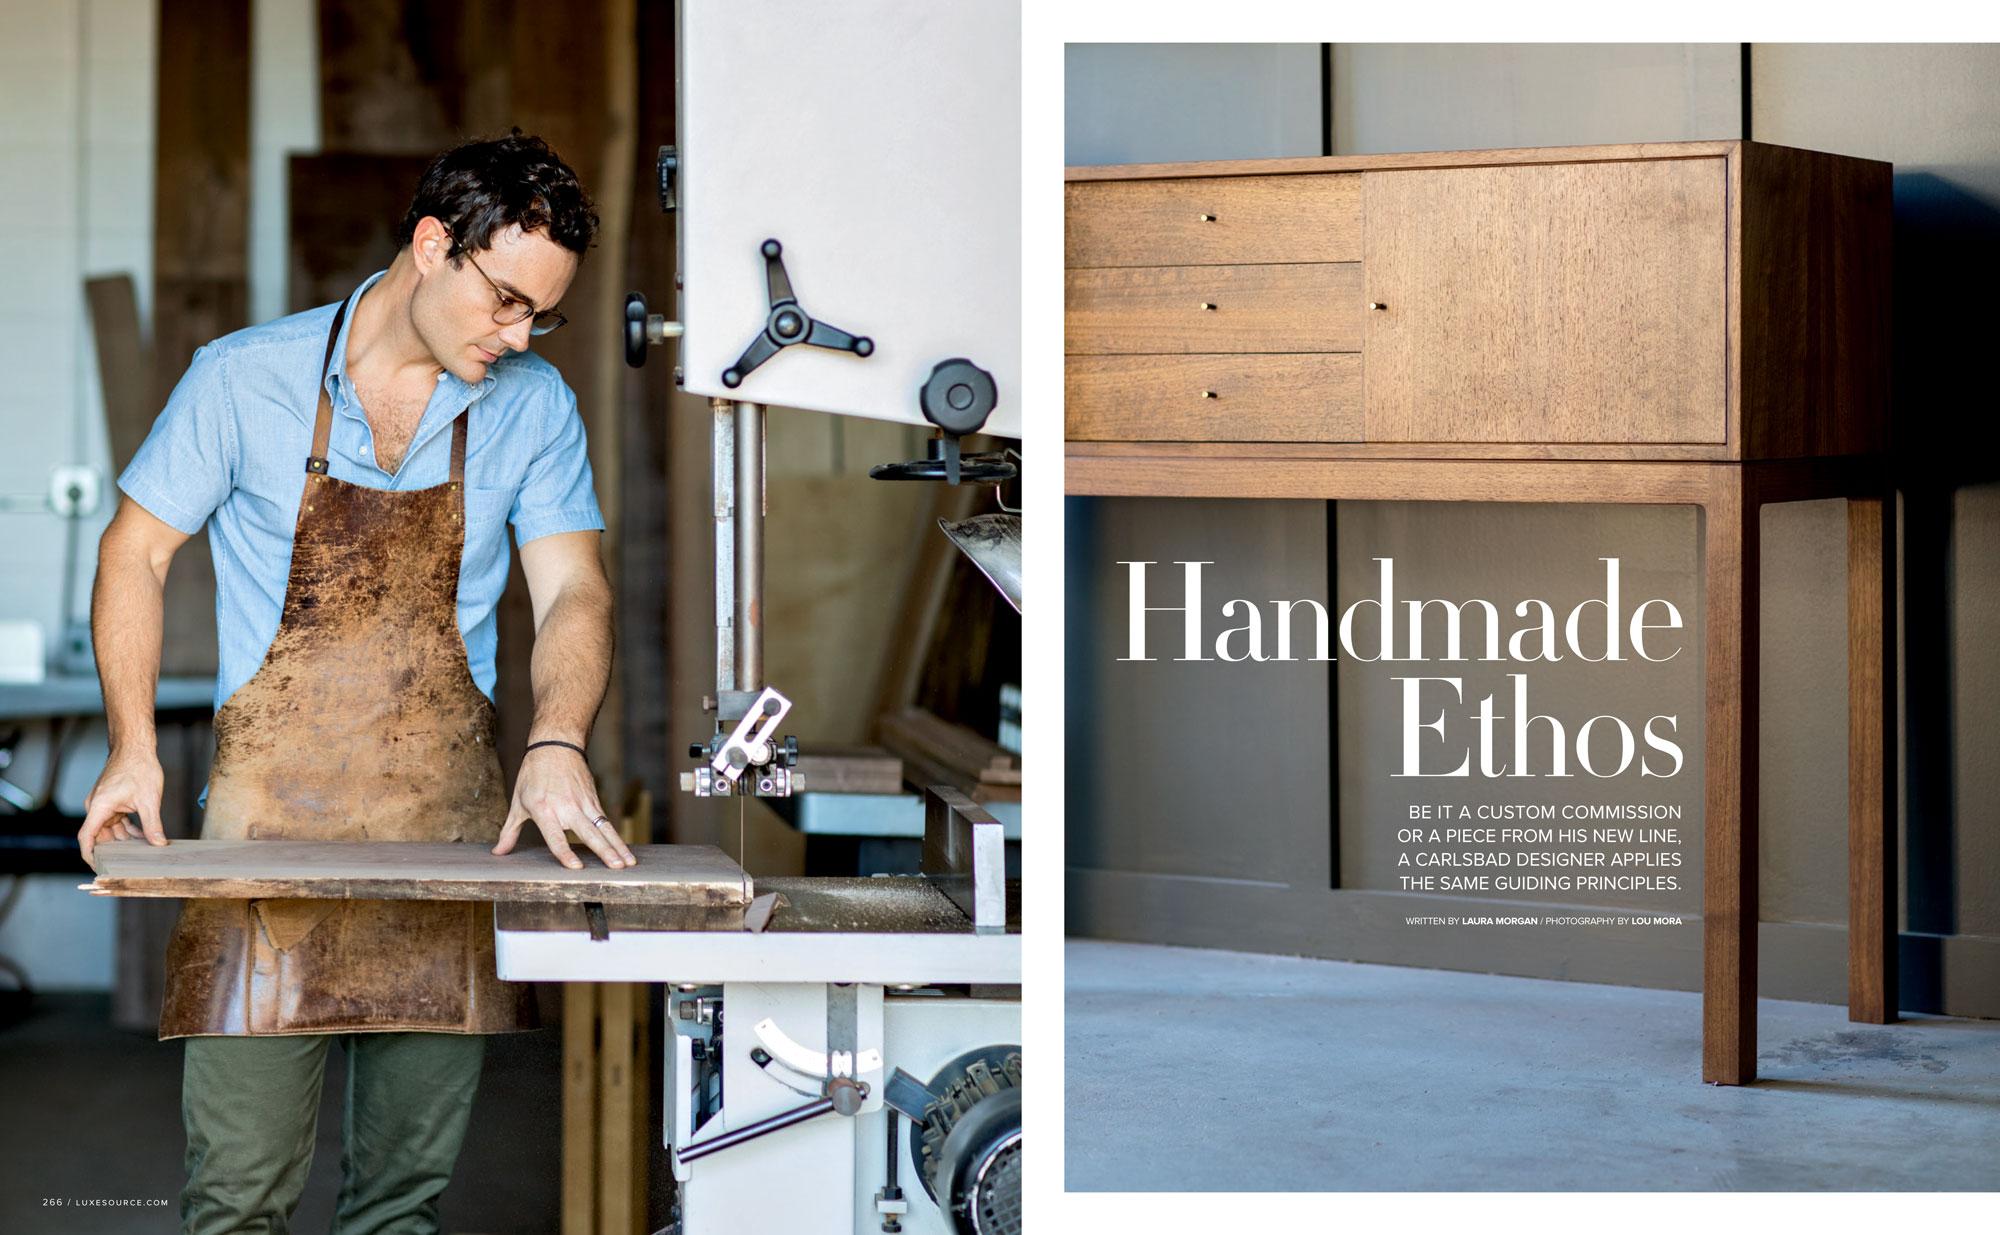 lou-mora-luxe-magazine-kylle-sebree-001.jpg